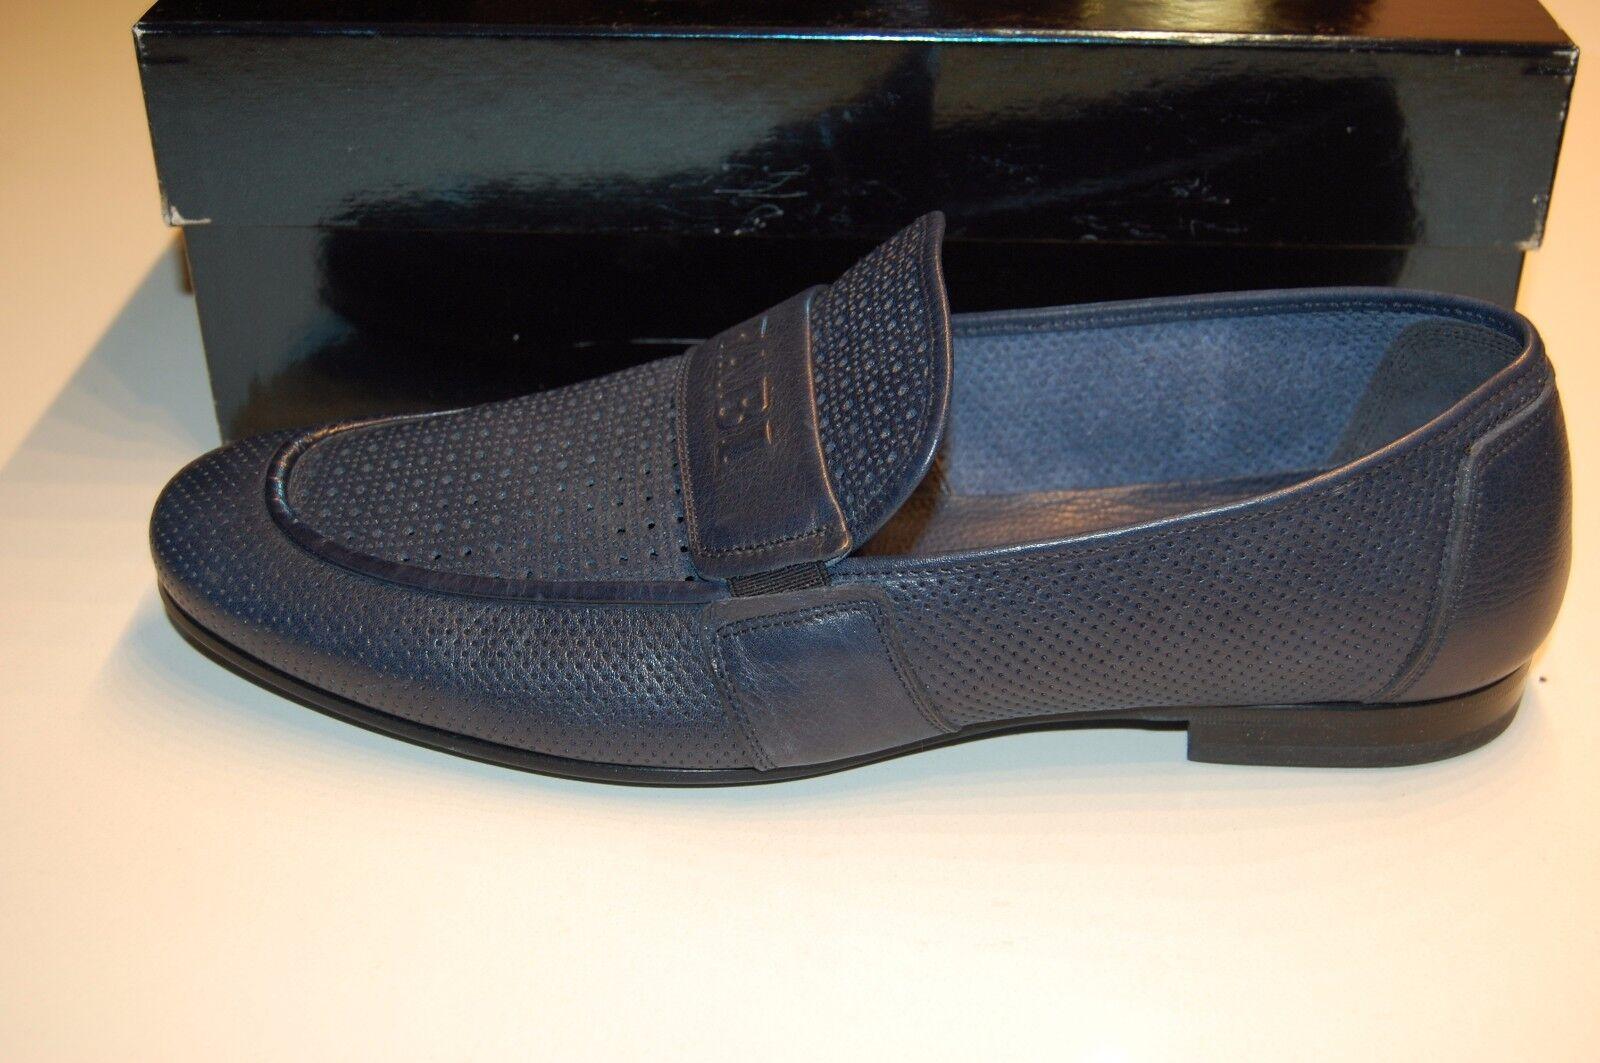 Fabi Fabi Fabi Men's Navy Dark bluee Loafers Casual Dress Logo  shoes Sz US 12 EU 45 b0bd8d